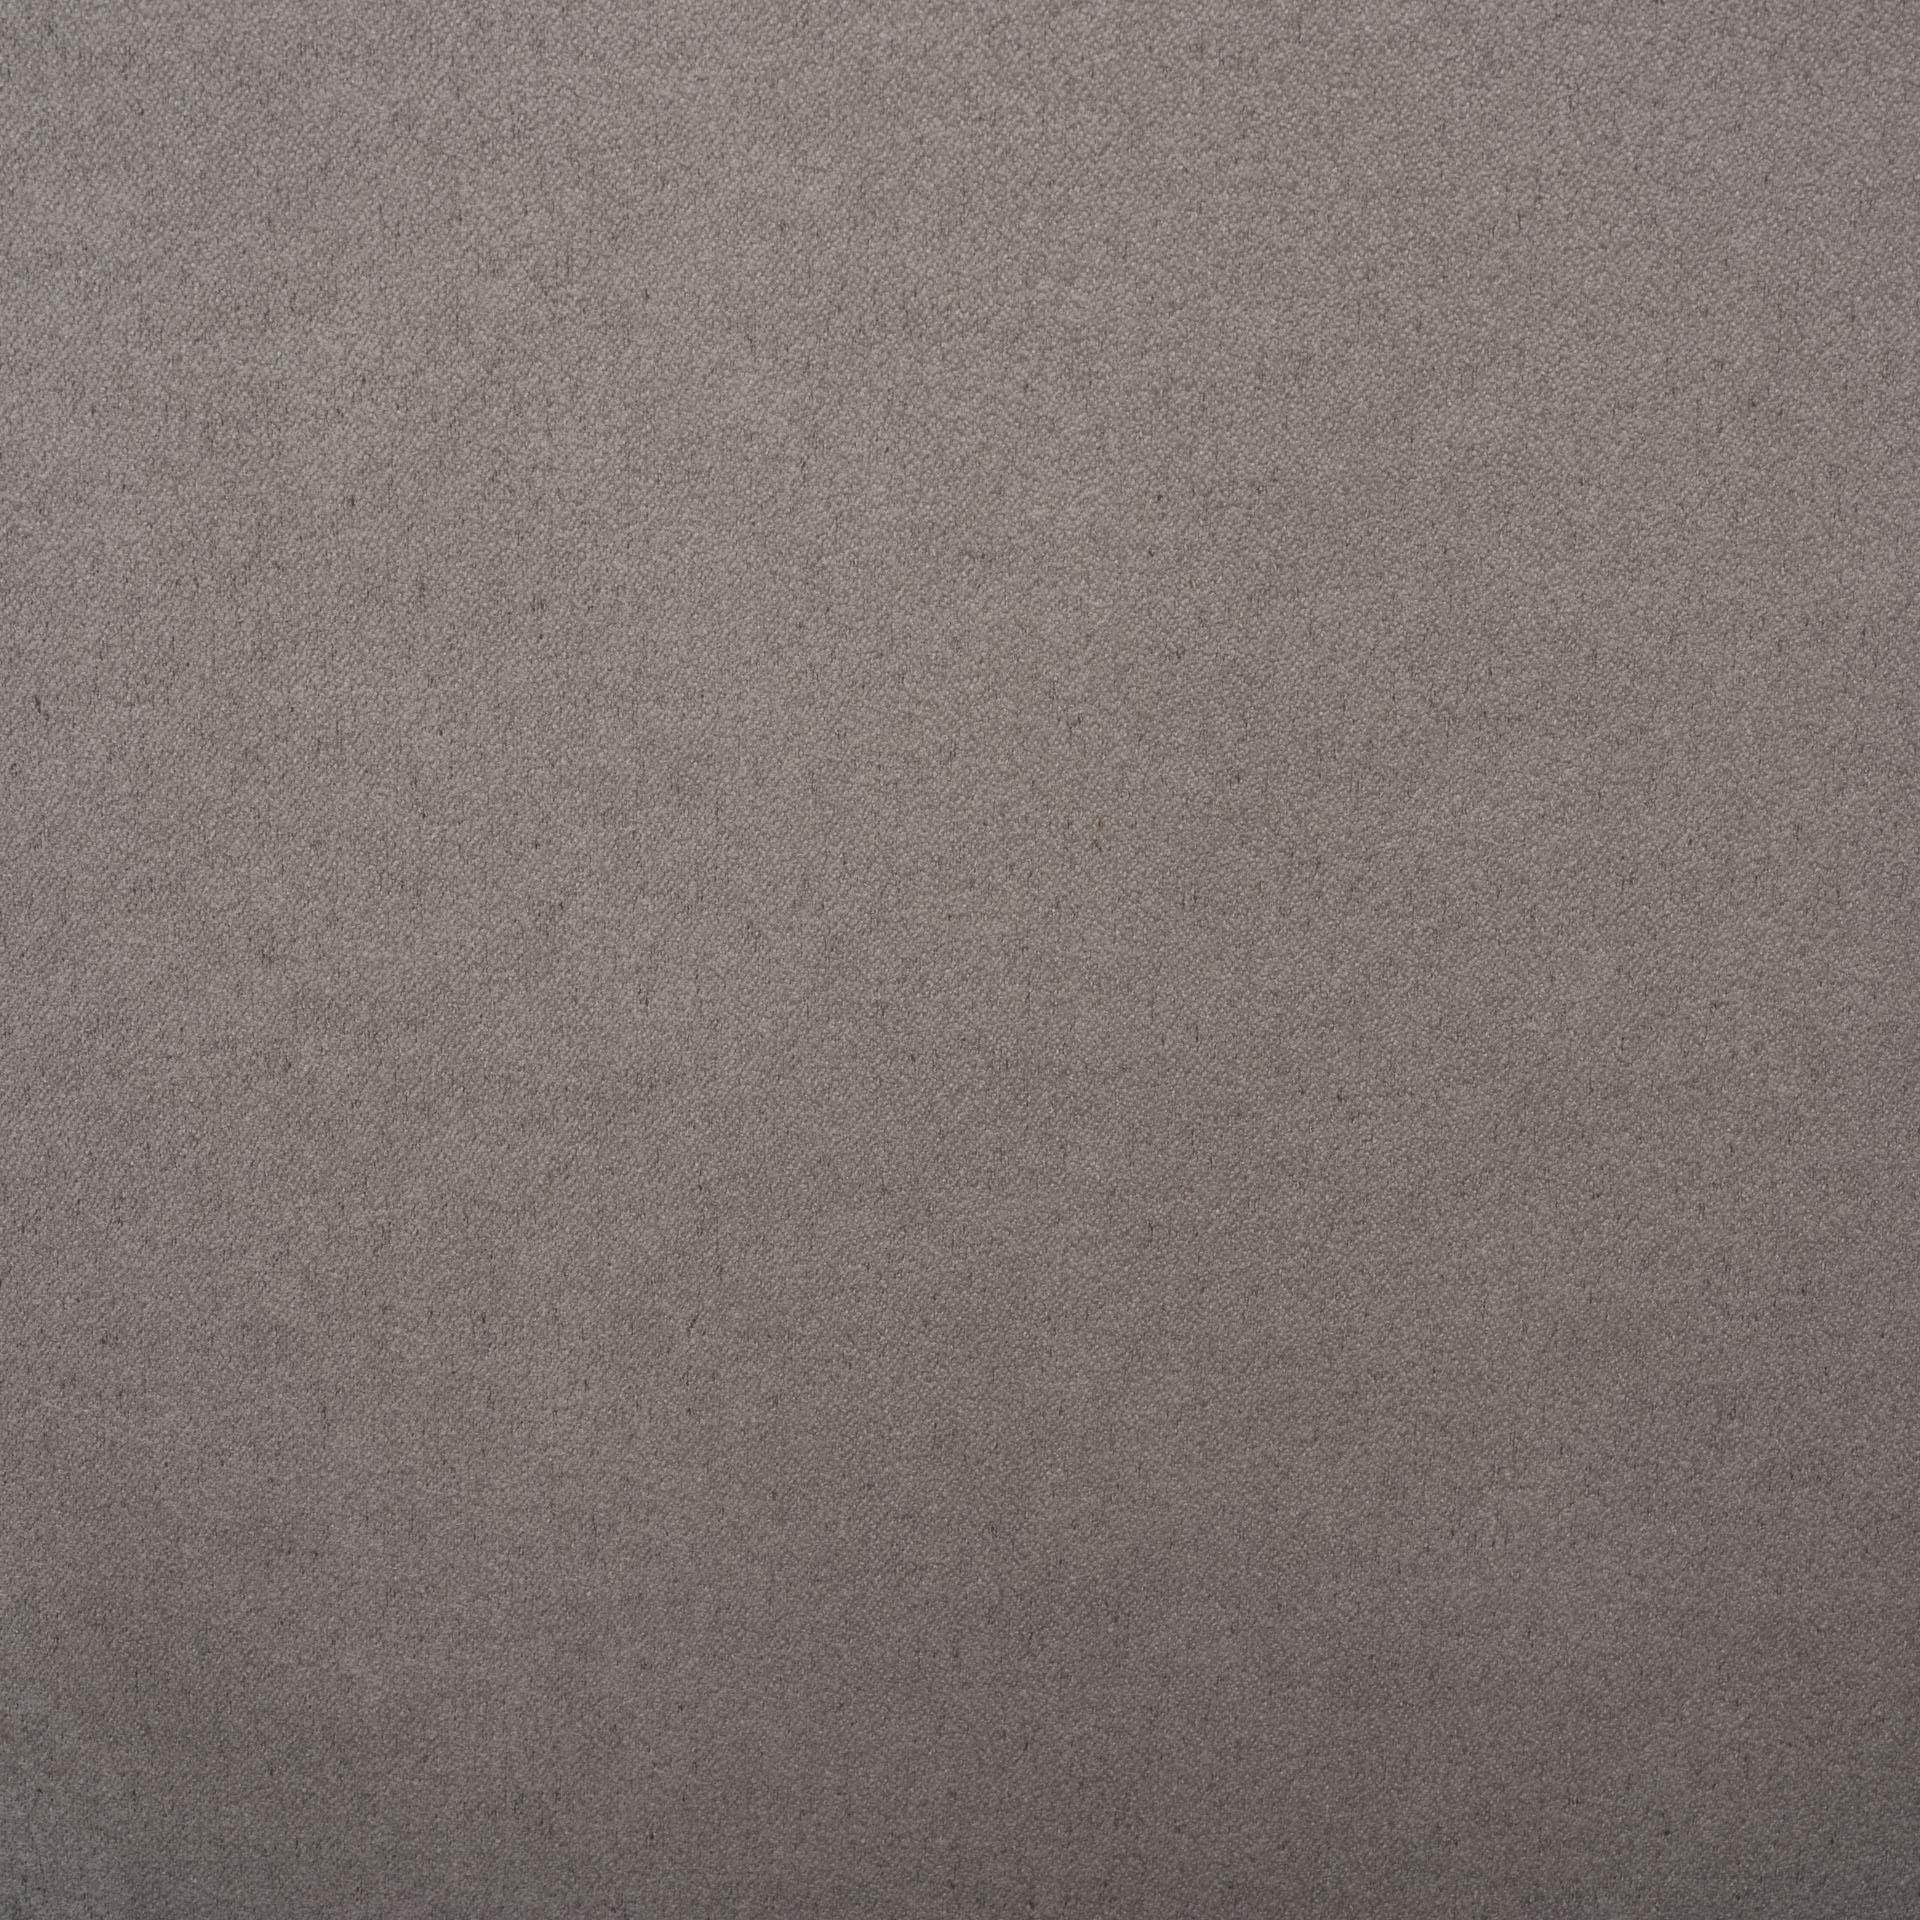 Коллекция ткани Бонд GREY 16,  купить ткань Велюр для мебели Украина